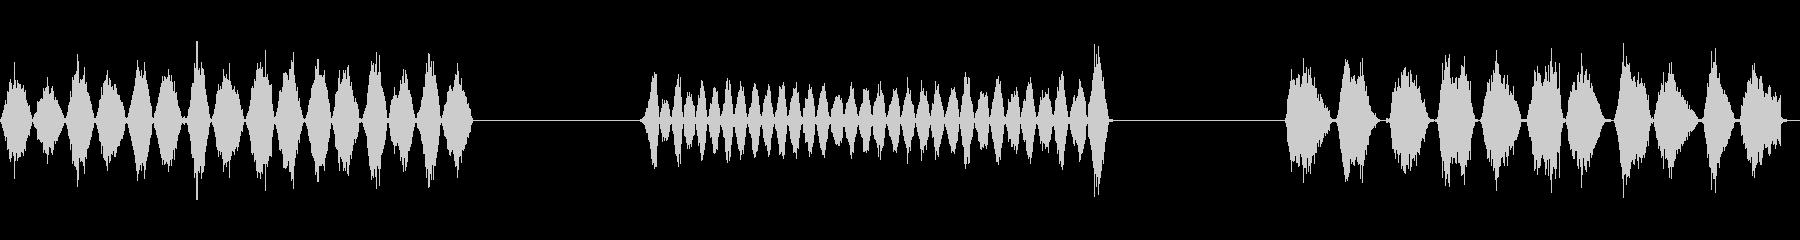 楽器弓のこx3の未再生の波形